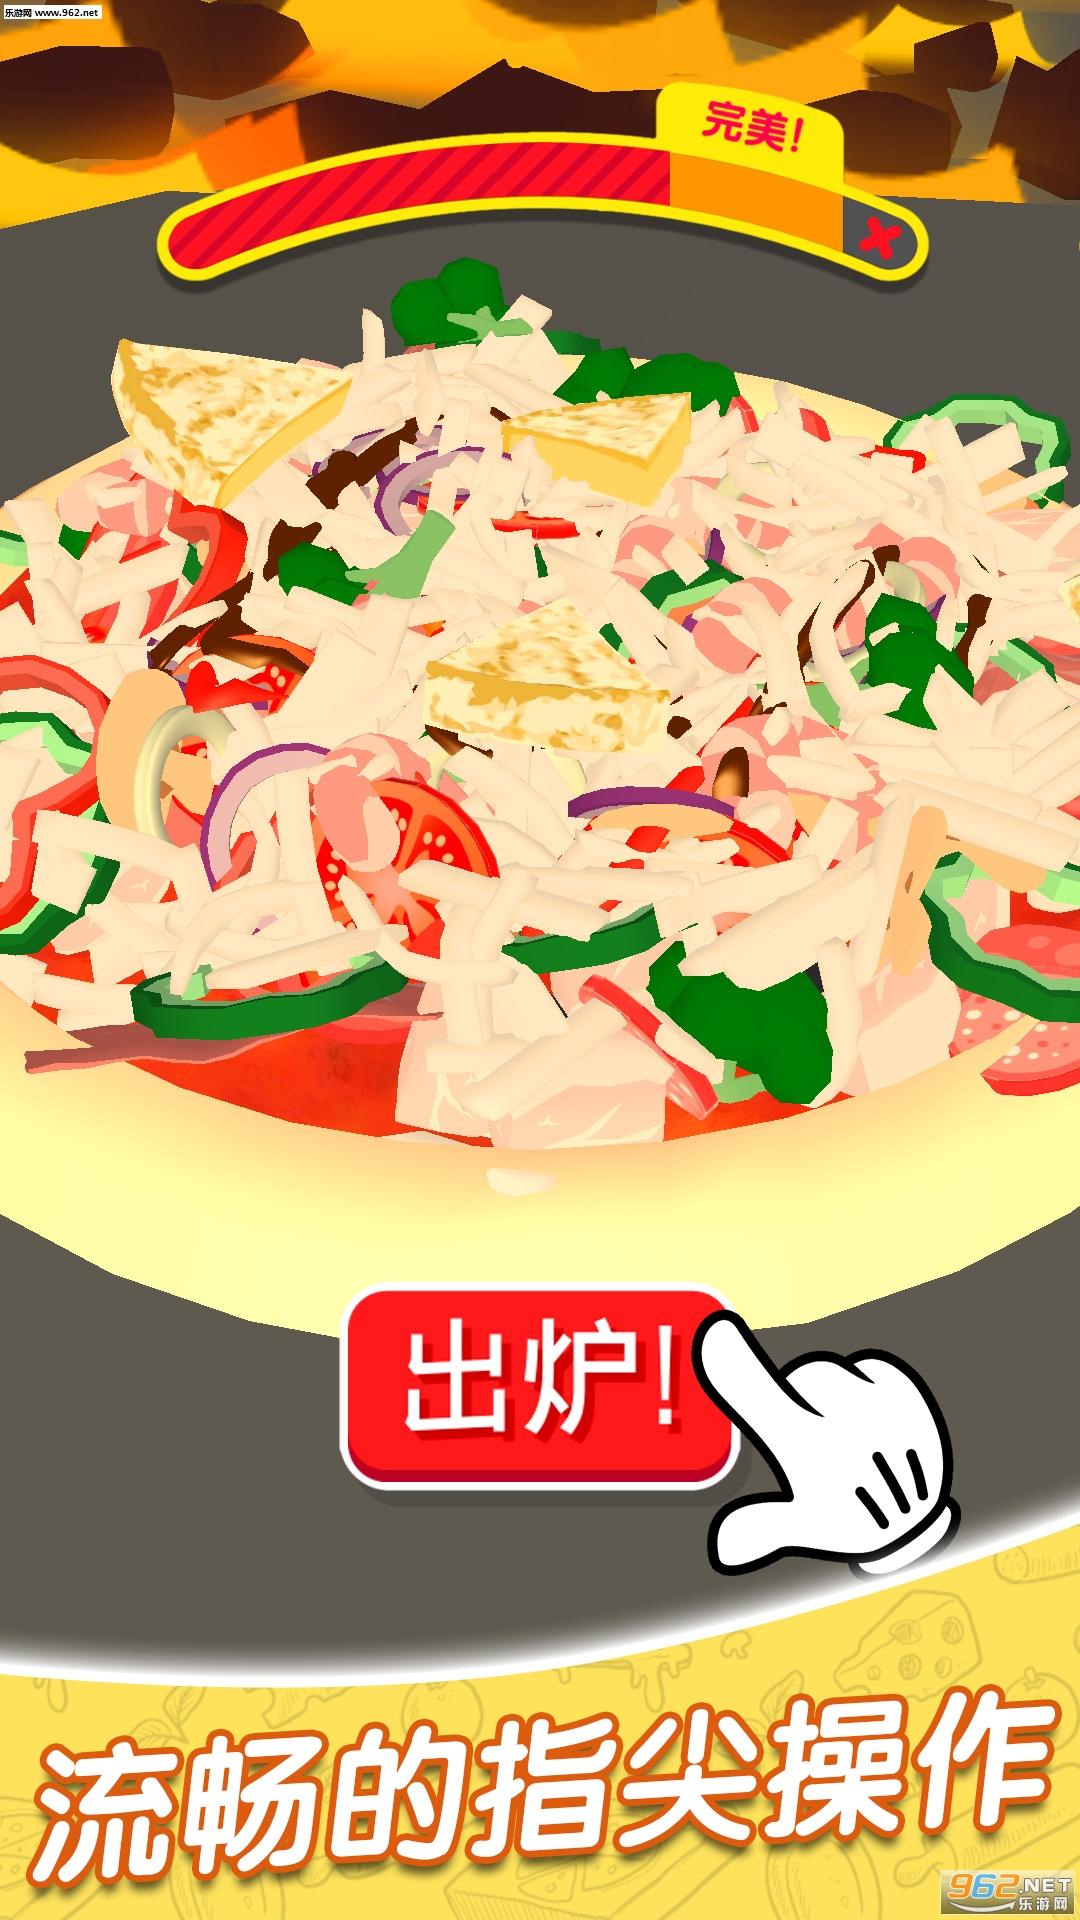 欢乐披萨店中文版v1.0.1官方版截图1